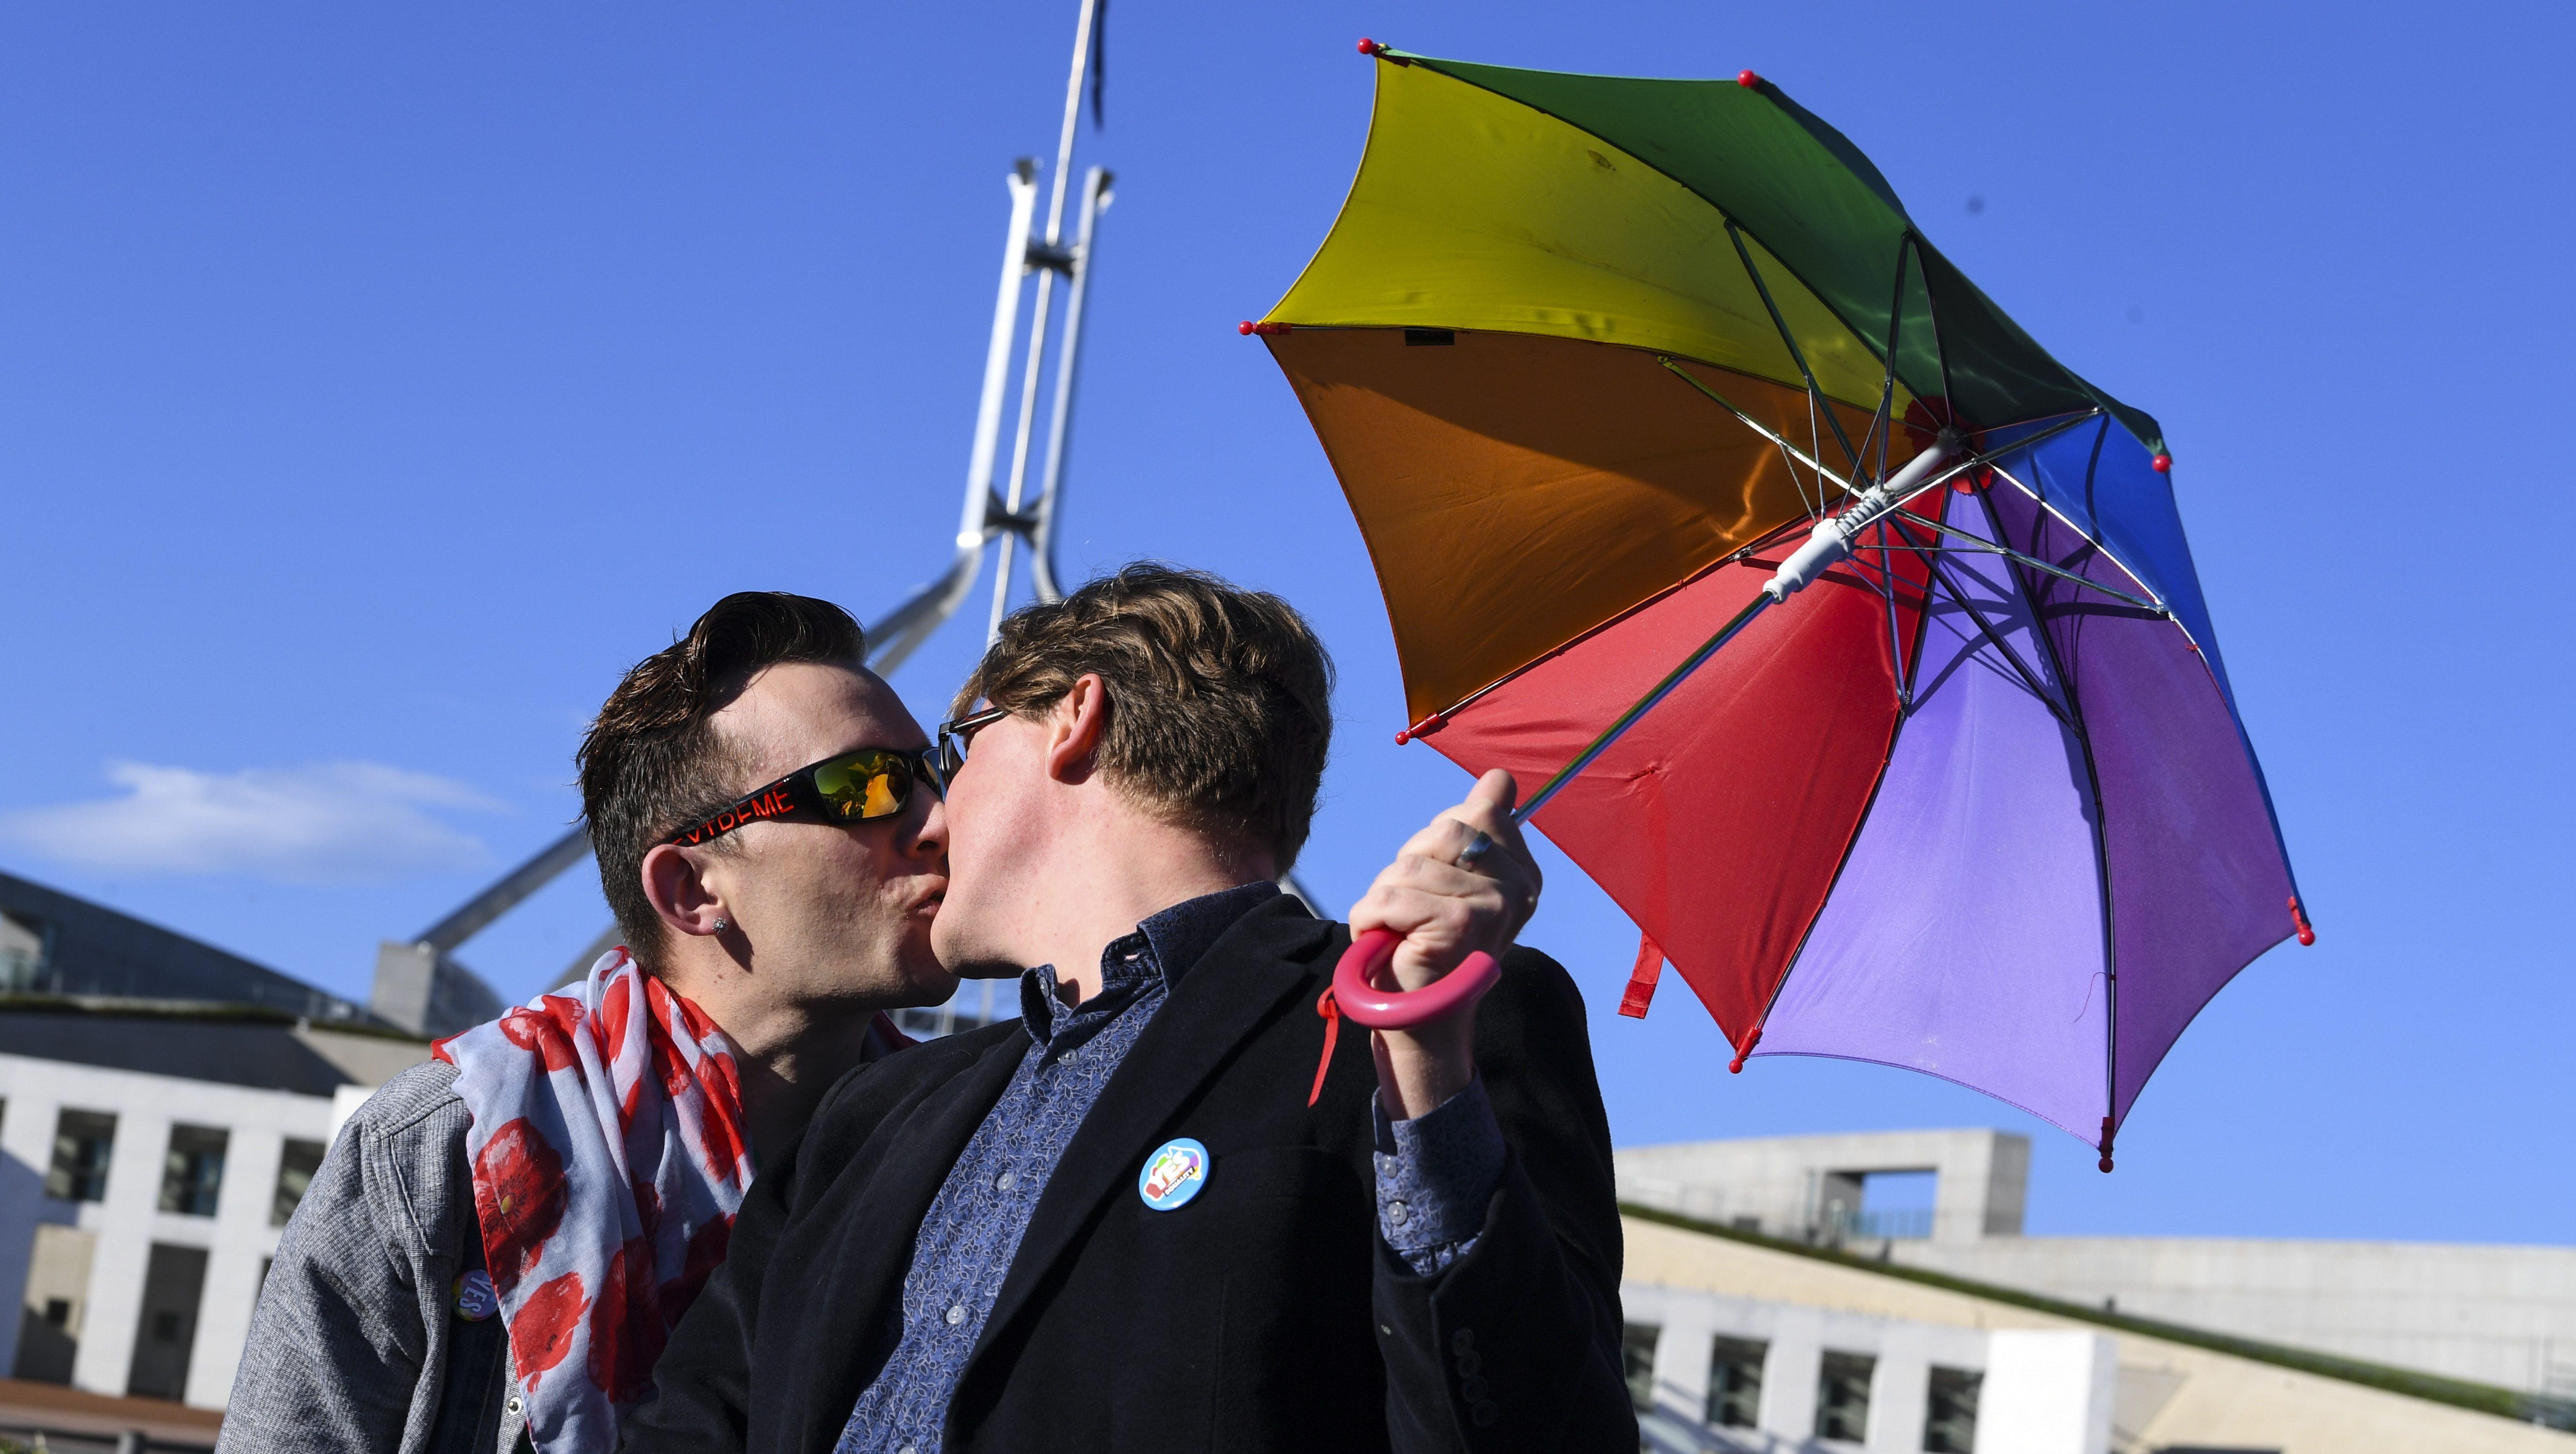 Australia same-sex marriage: From marriage apartheid to